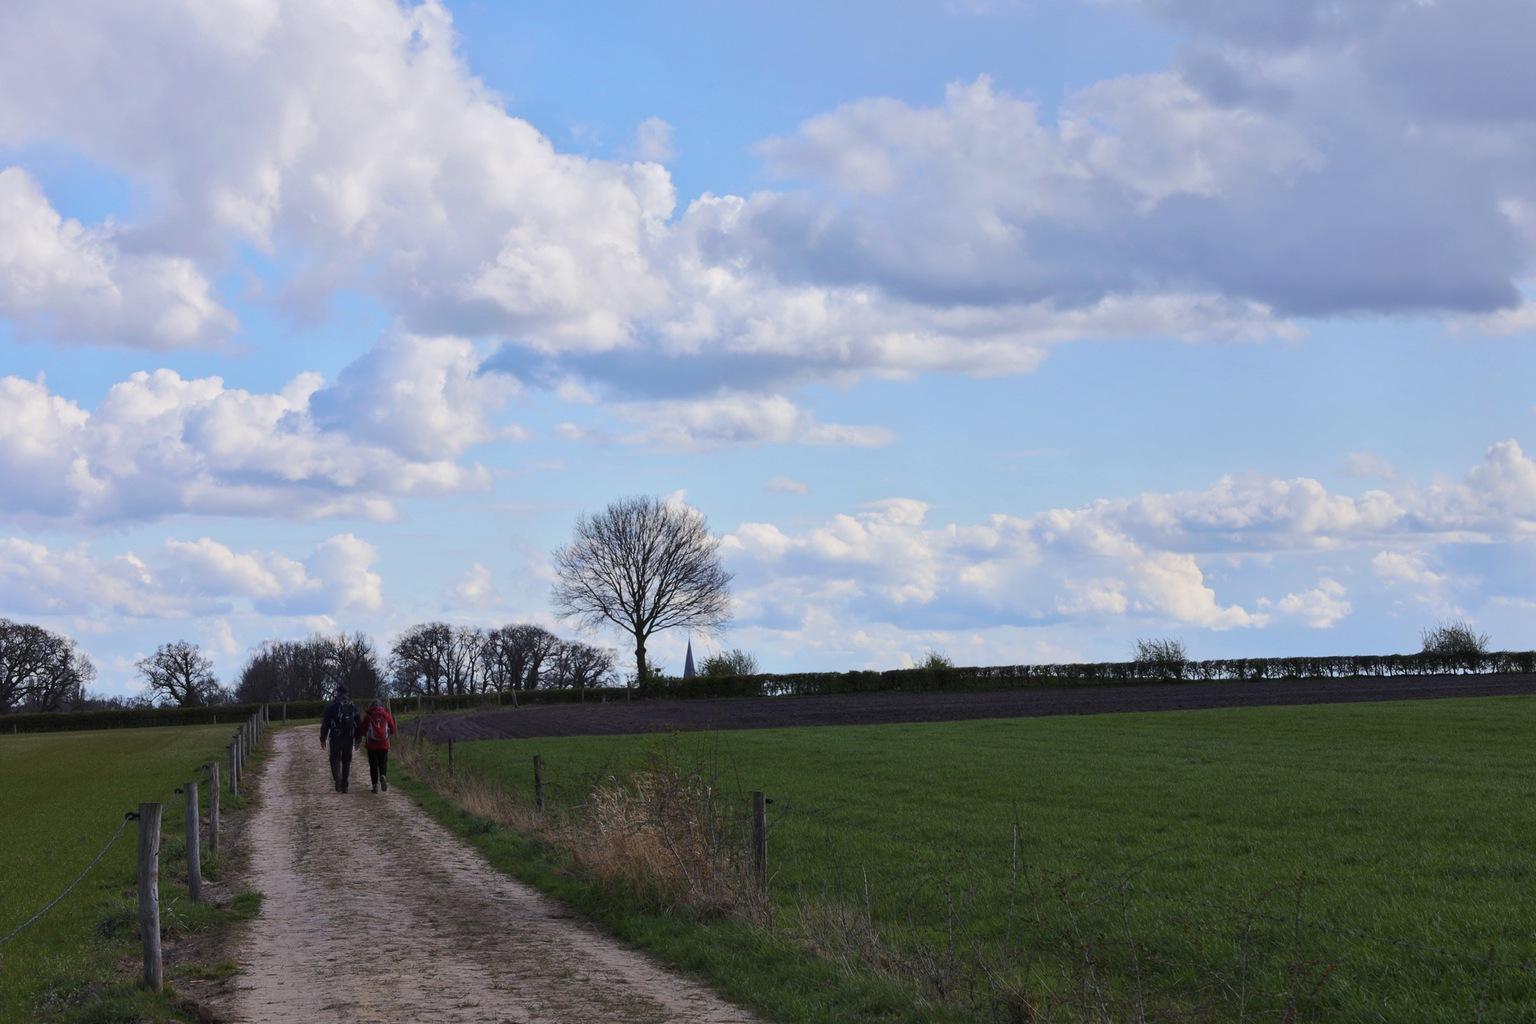 Wandelen - Tijdens een mooie wandeling met prachtig weer heb ik deze foto gemaakt. - foto door BobEnsink op 13-04-2021 - deze foto bevat: wolk, lucht, fabriek, boom, natuurlijk landschap, land veel, mensen in de natuur, landbouw, cumulus, voertuig